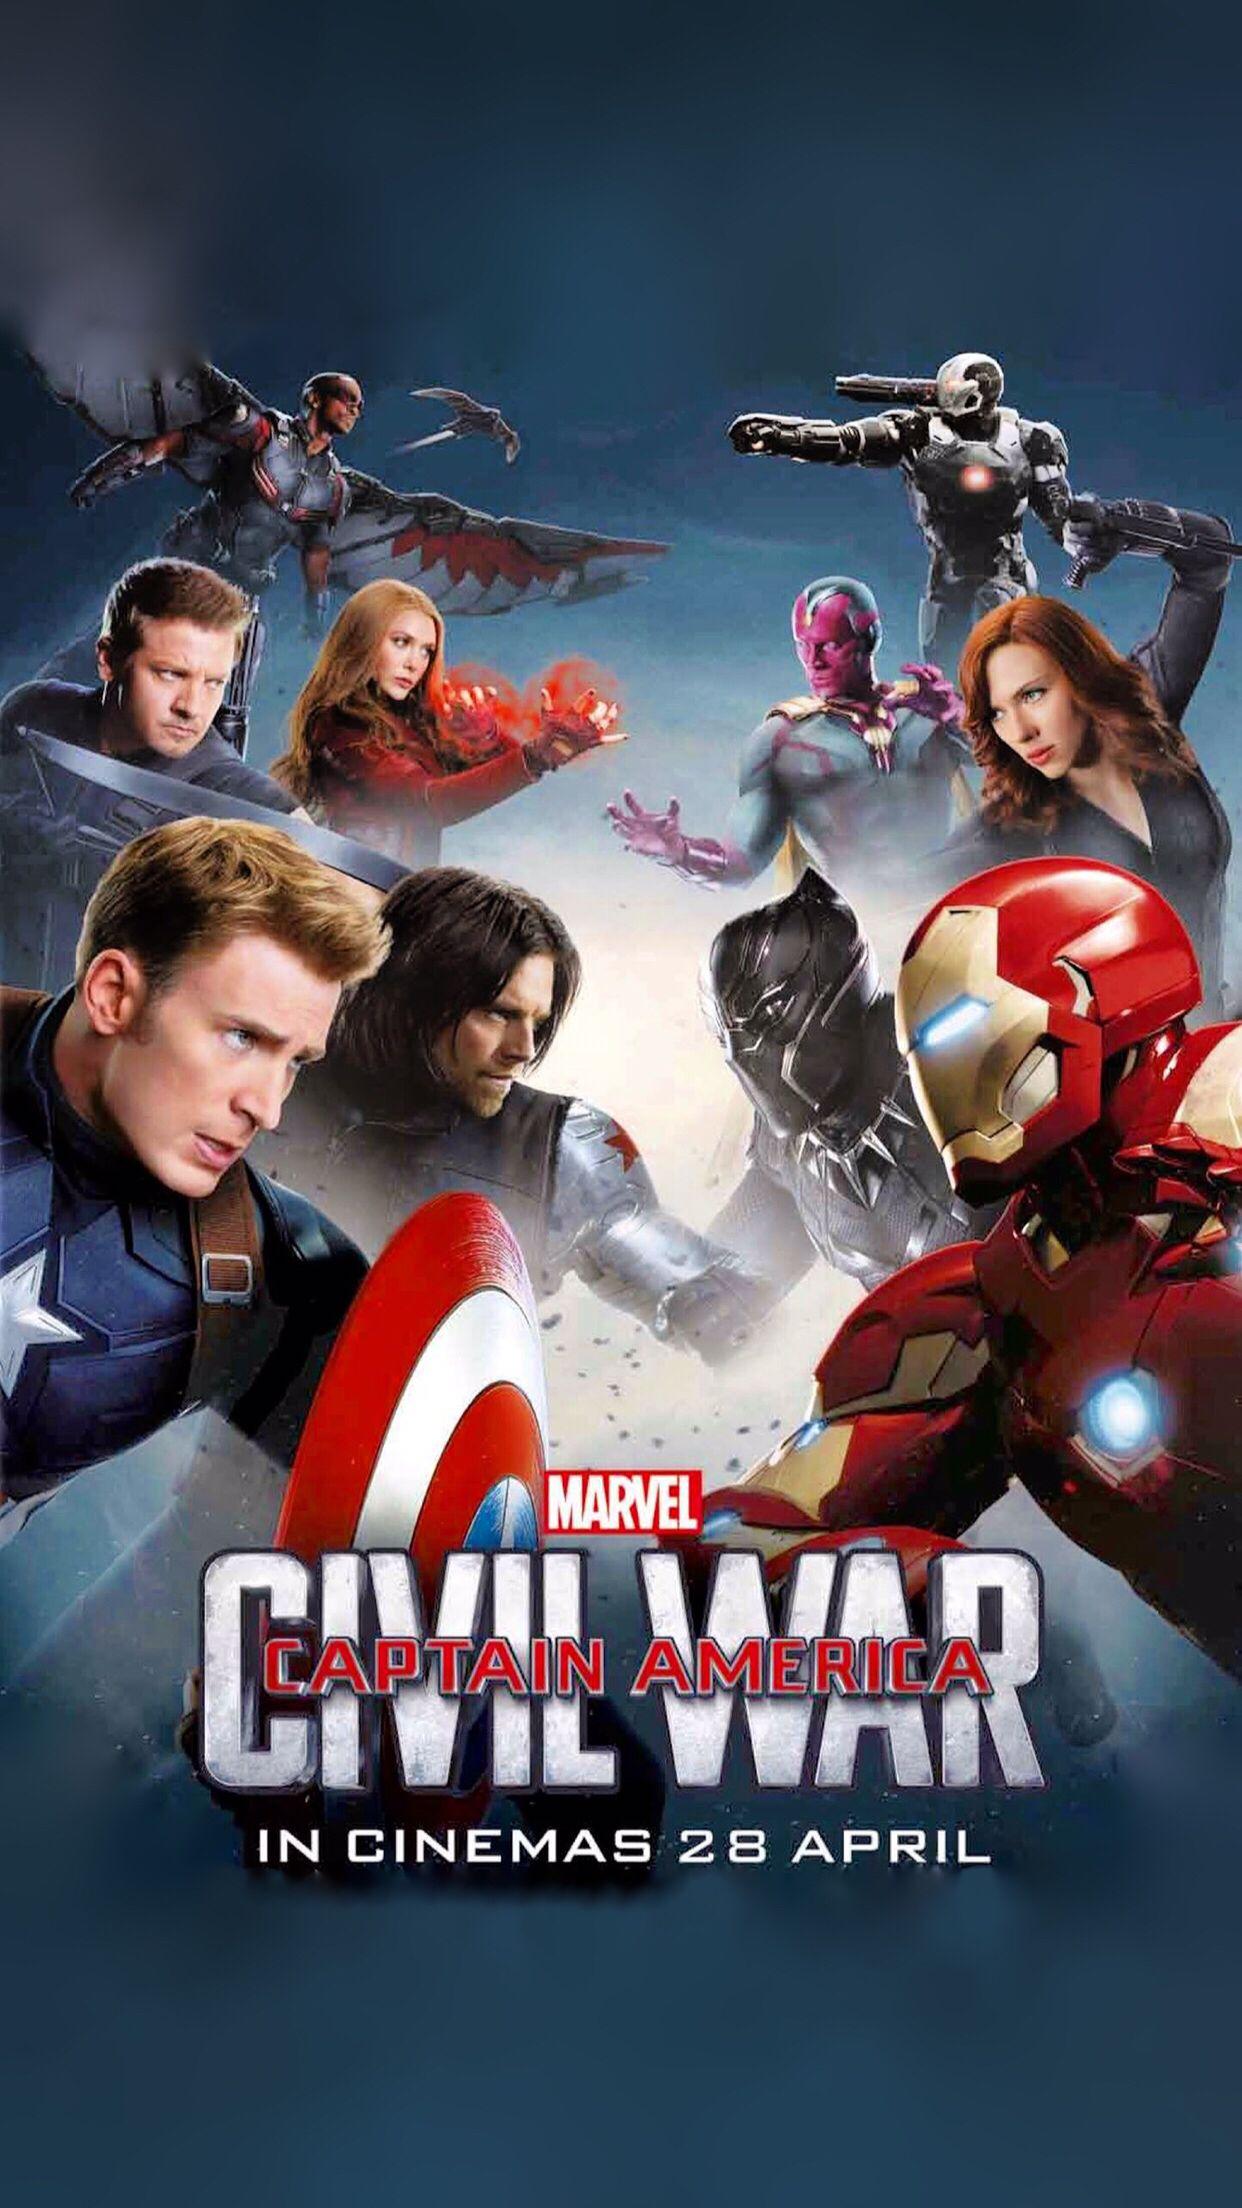 Captain America Civil War Wallpaper For IPhone 6 Plus